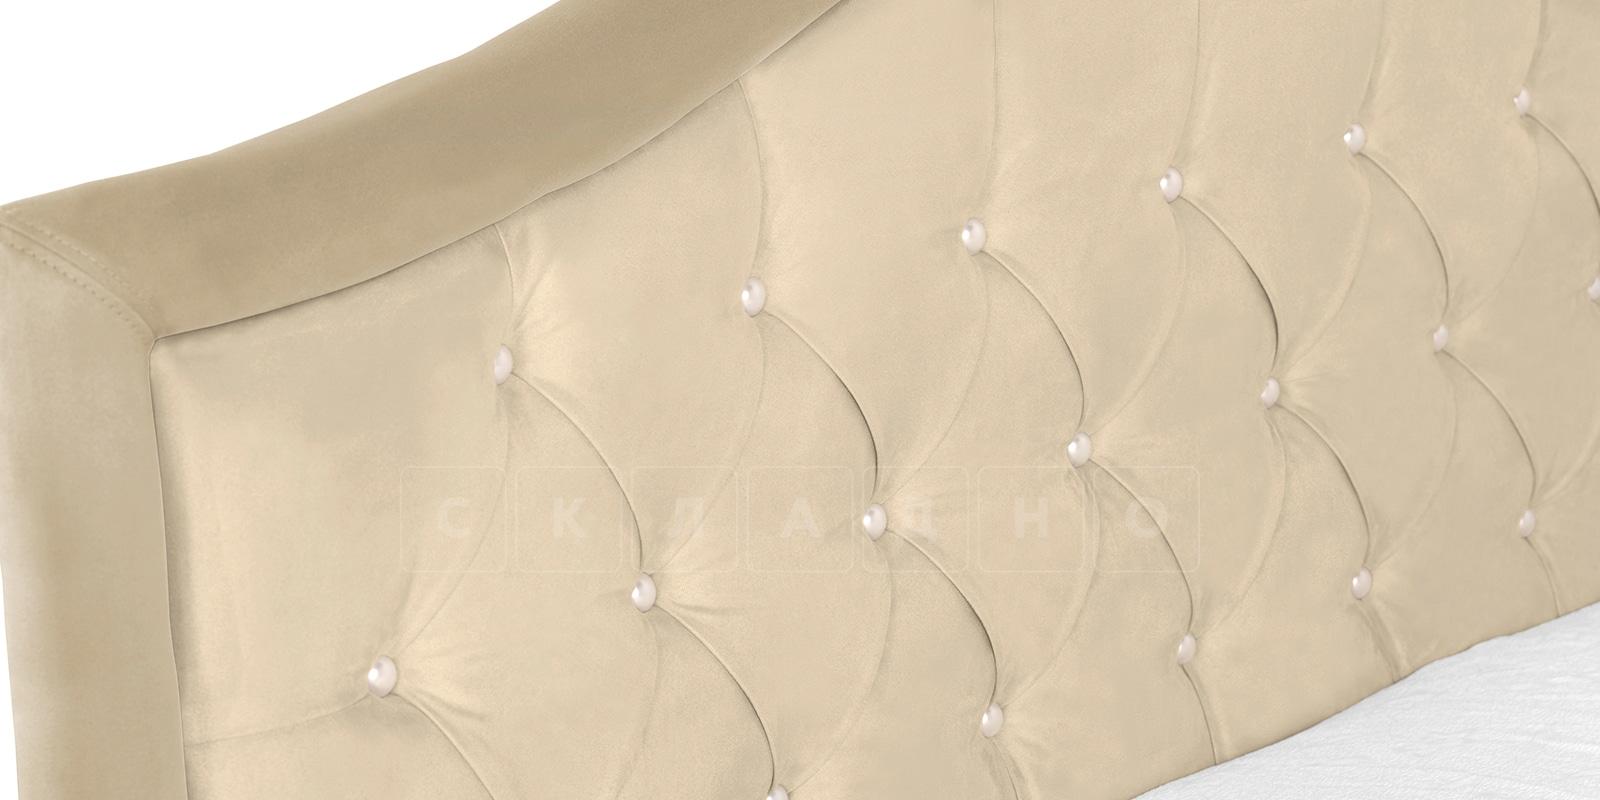 Мягкая кровать Малибу 160см экокожа бежевый вариант 9-2 фото 4 | интернет-магазин Складно